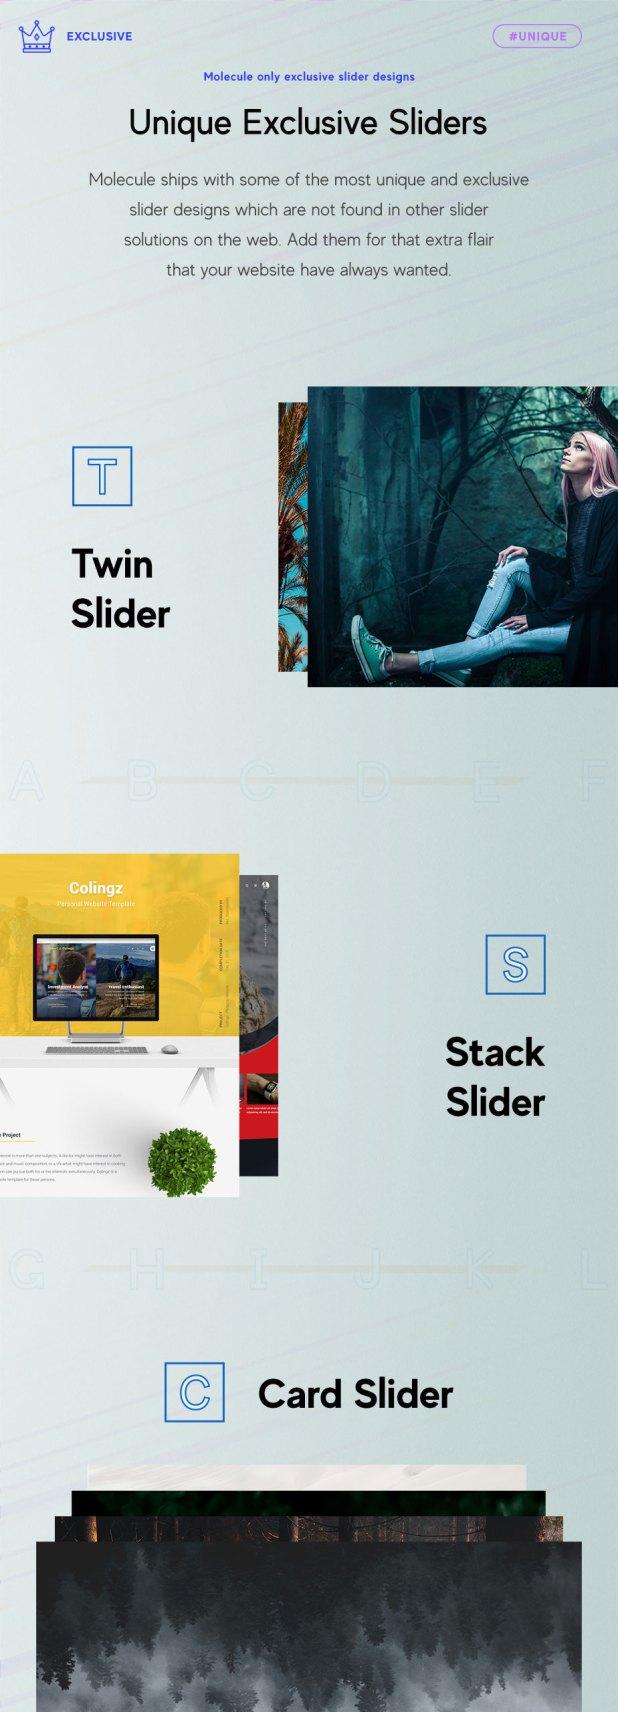 exclusive-sliders